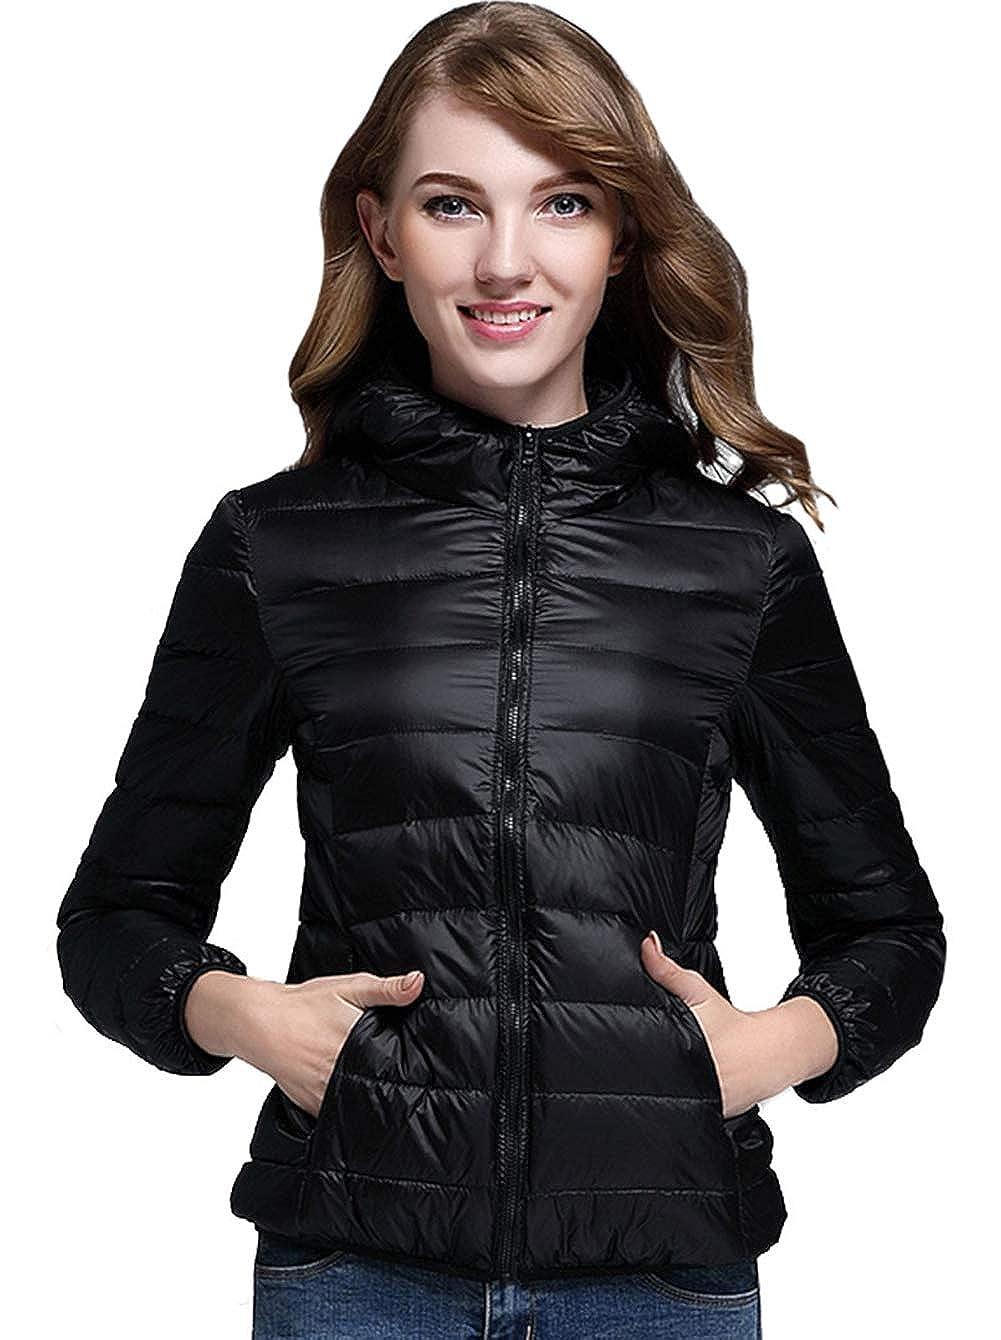 801b12d35 sunseen Women's Short Down Coat Thin Packable Travel Hooded Puffer Jacket  Lightweight Outdoor Sports Casual Slim Outerwear